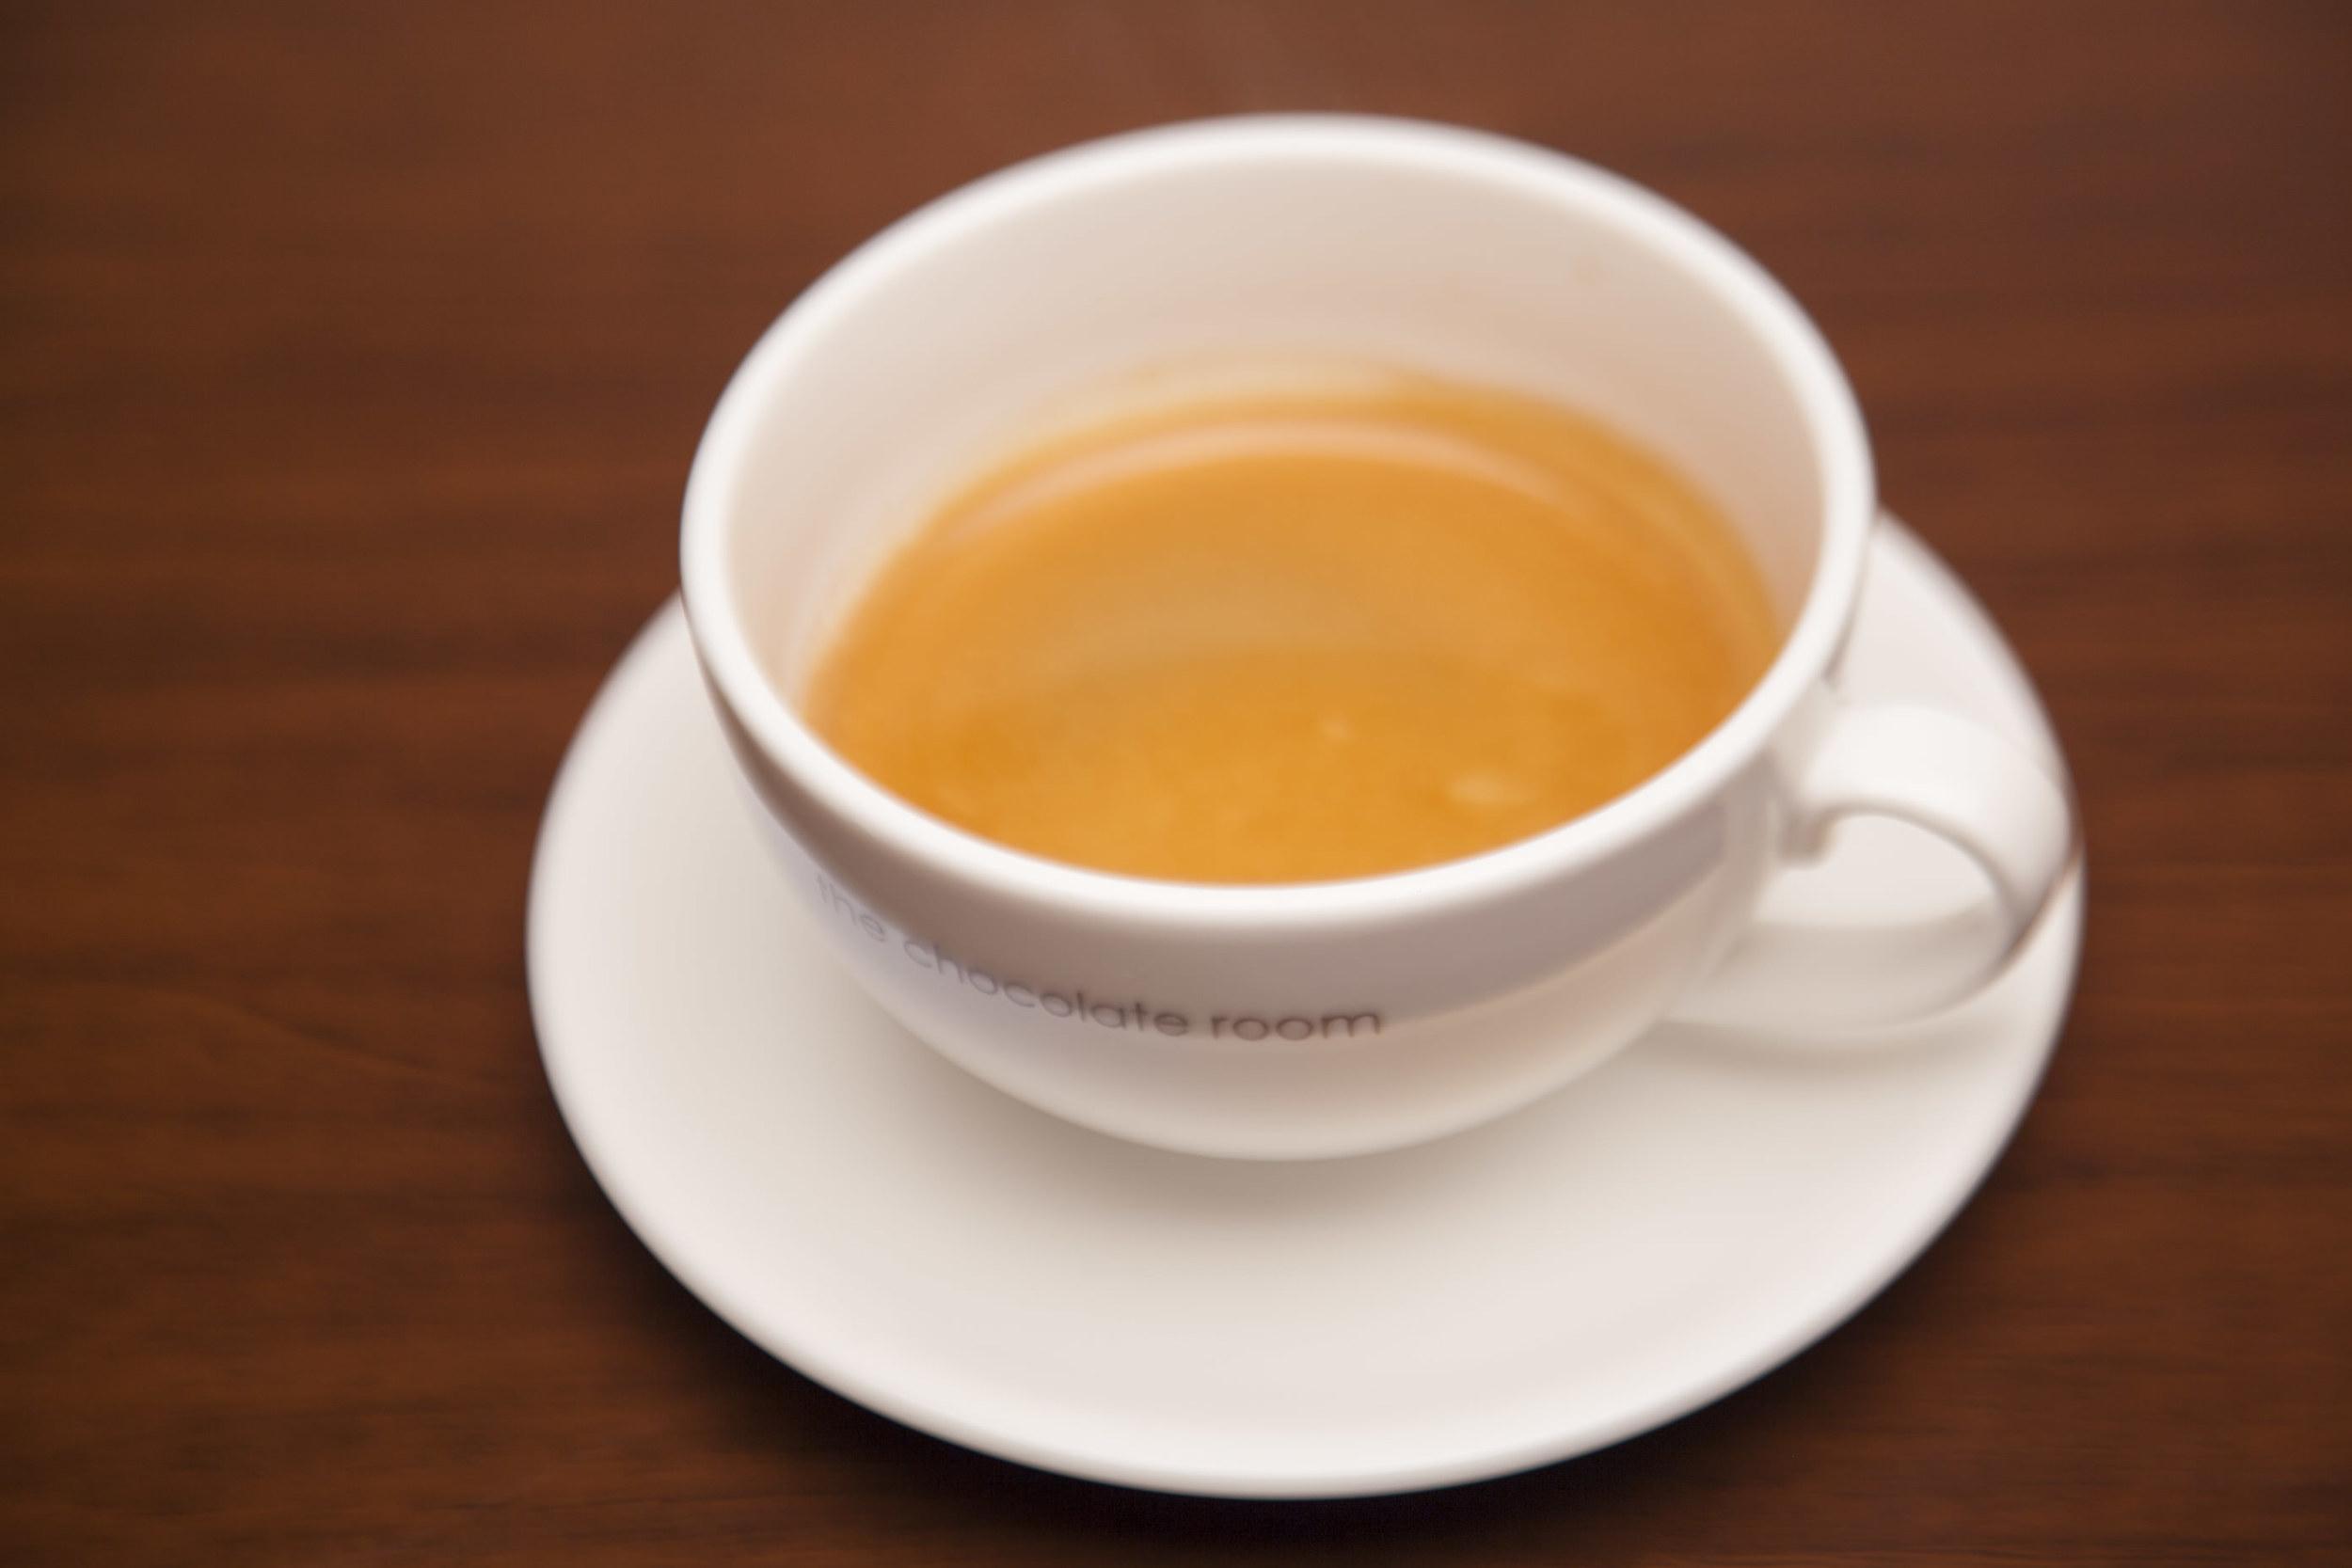 doubleespresso-thechocolateroom